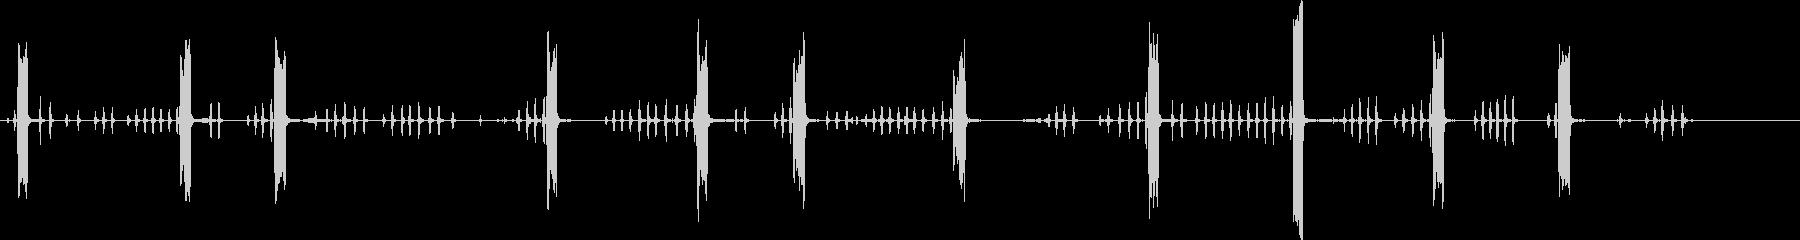 鶏の鳴き声。鶏の鳴き声。の未再生の波形